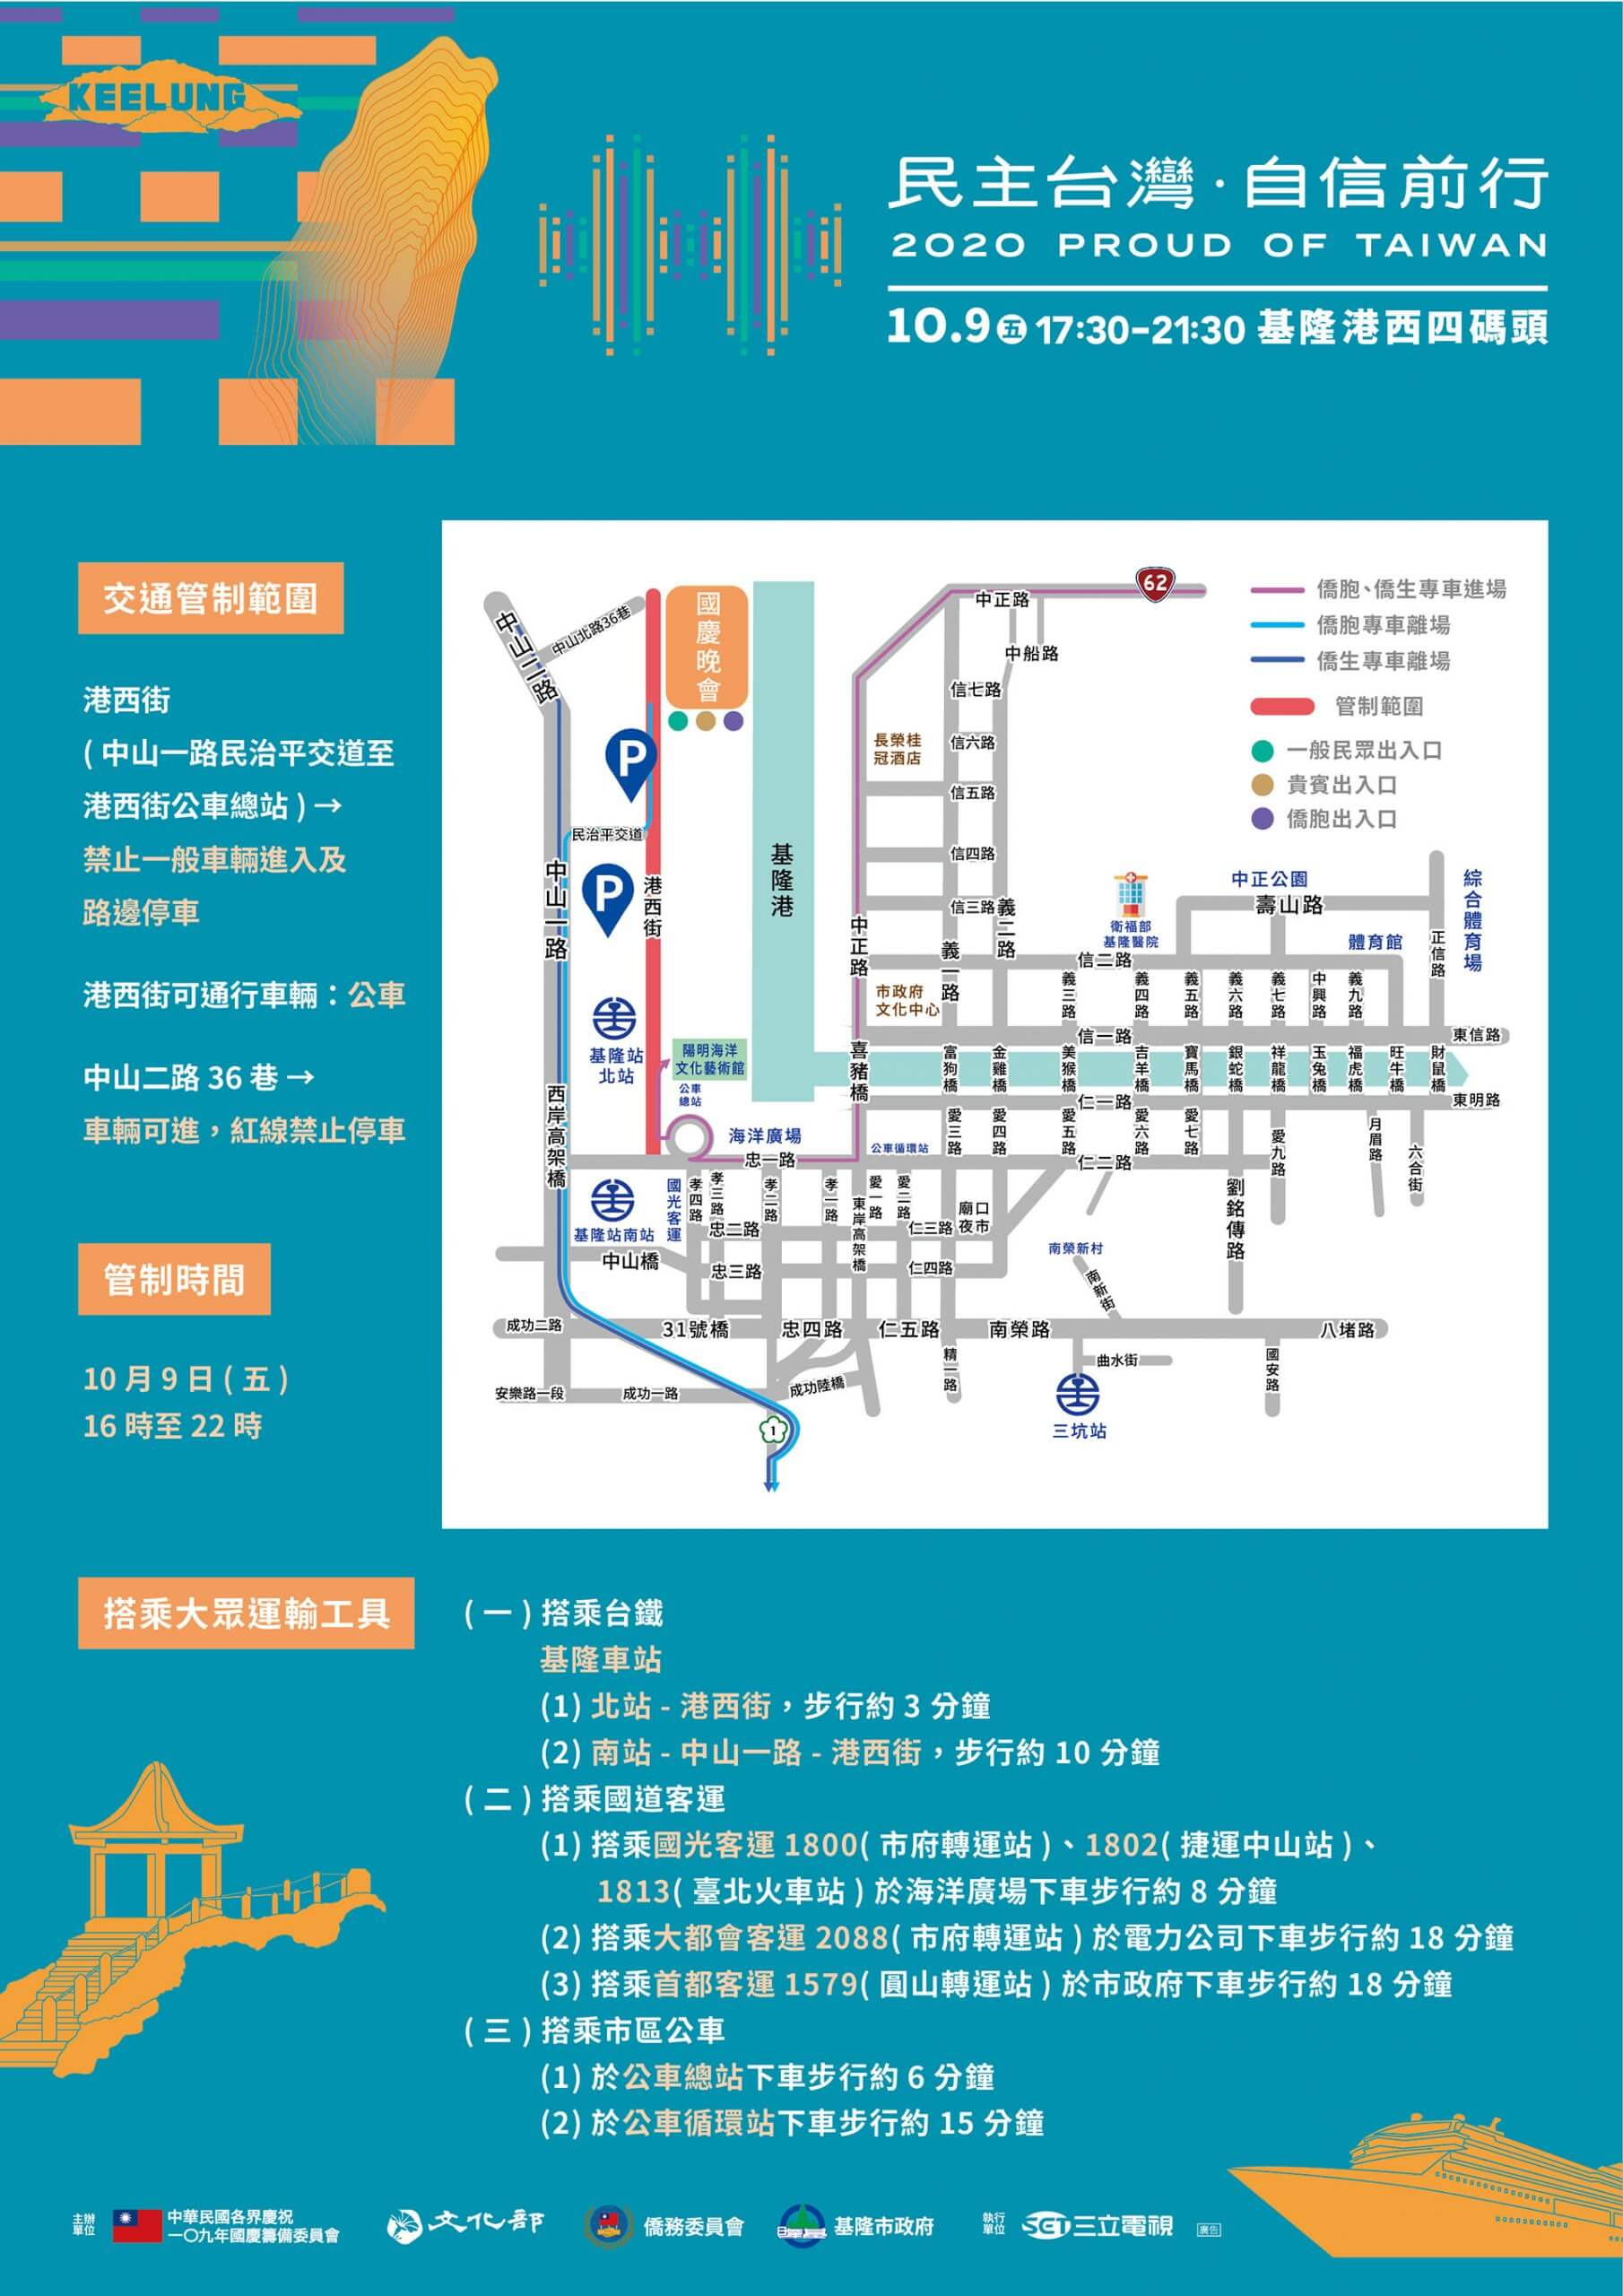 國慶晚會交通資訊